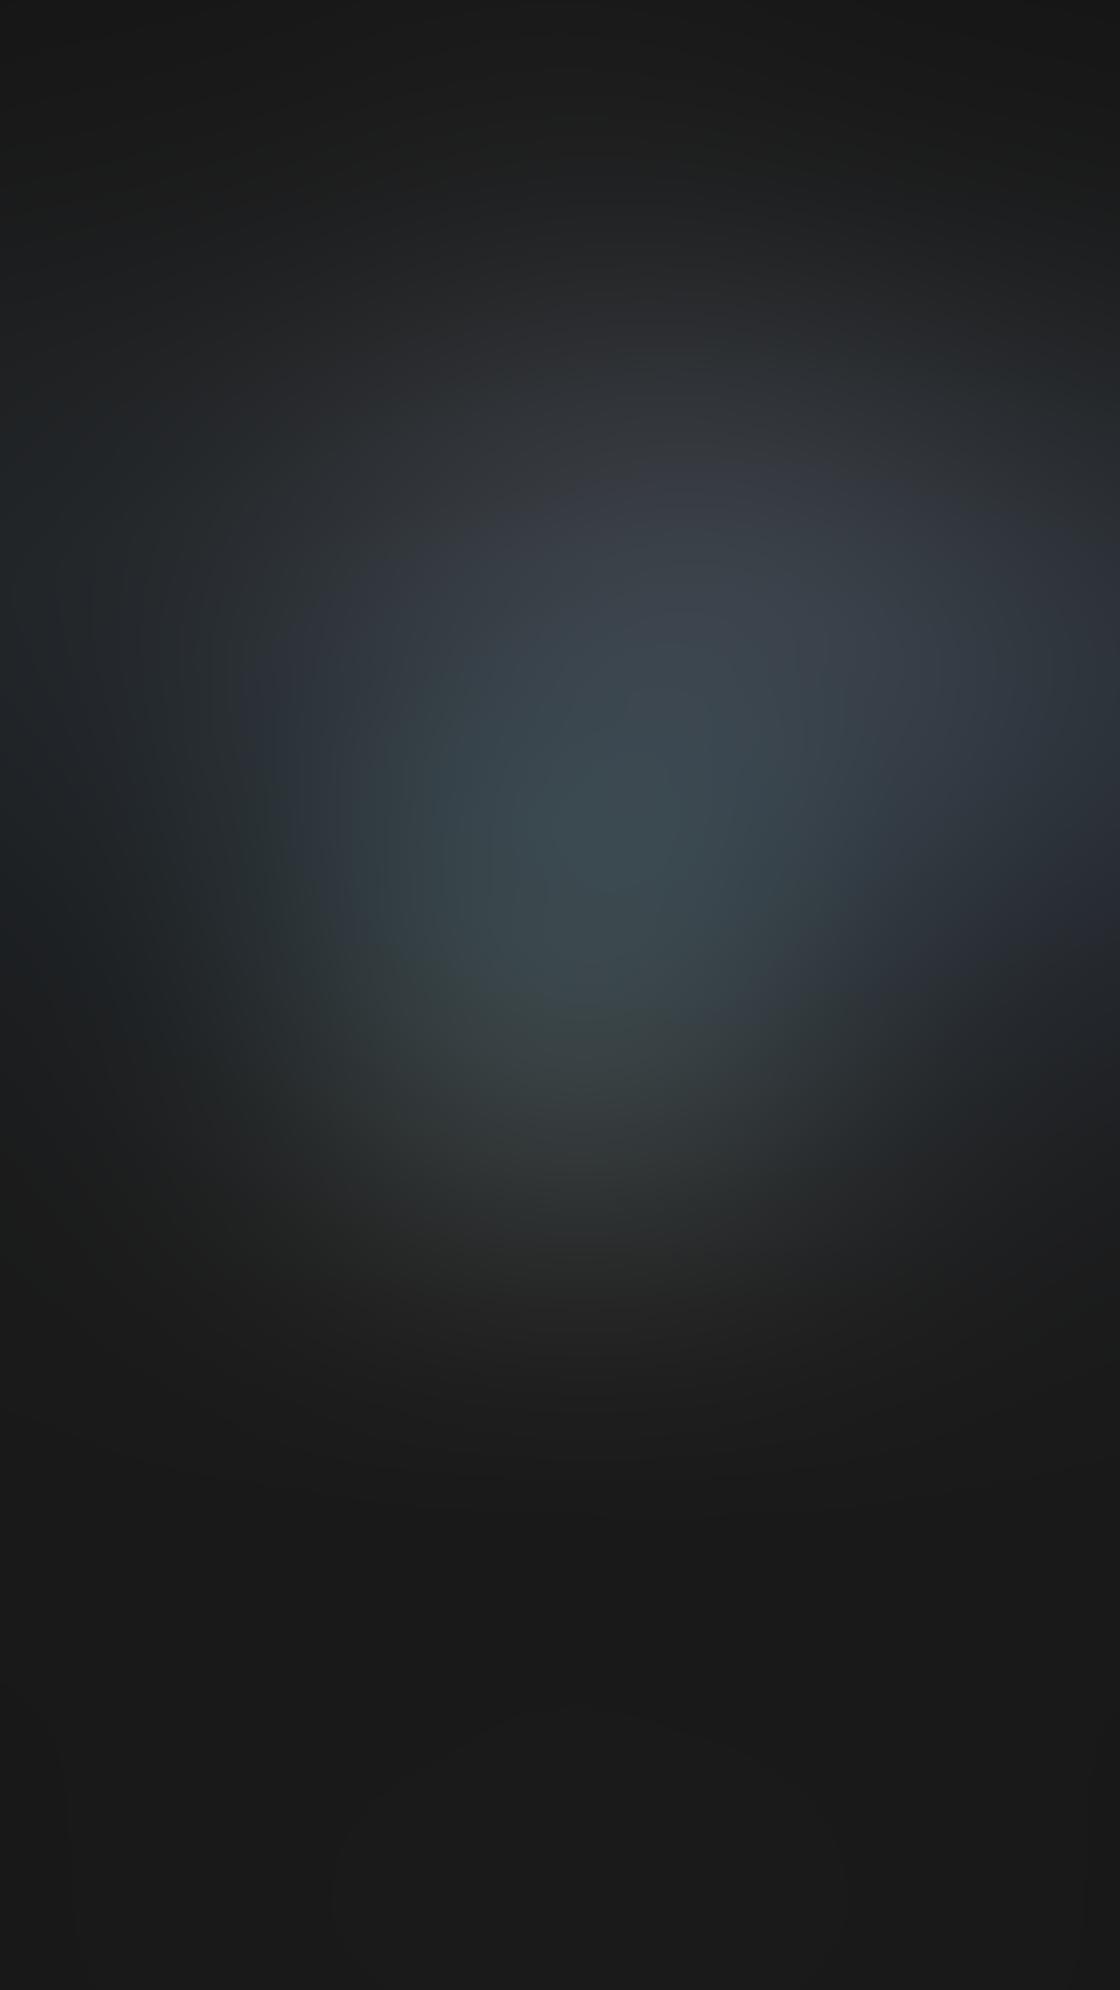 Final Touch Vignette App iPhone Photos 8